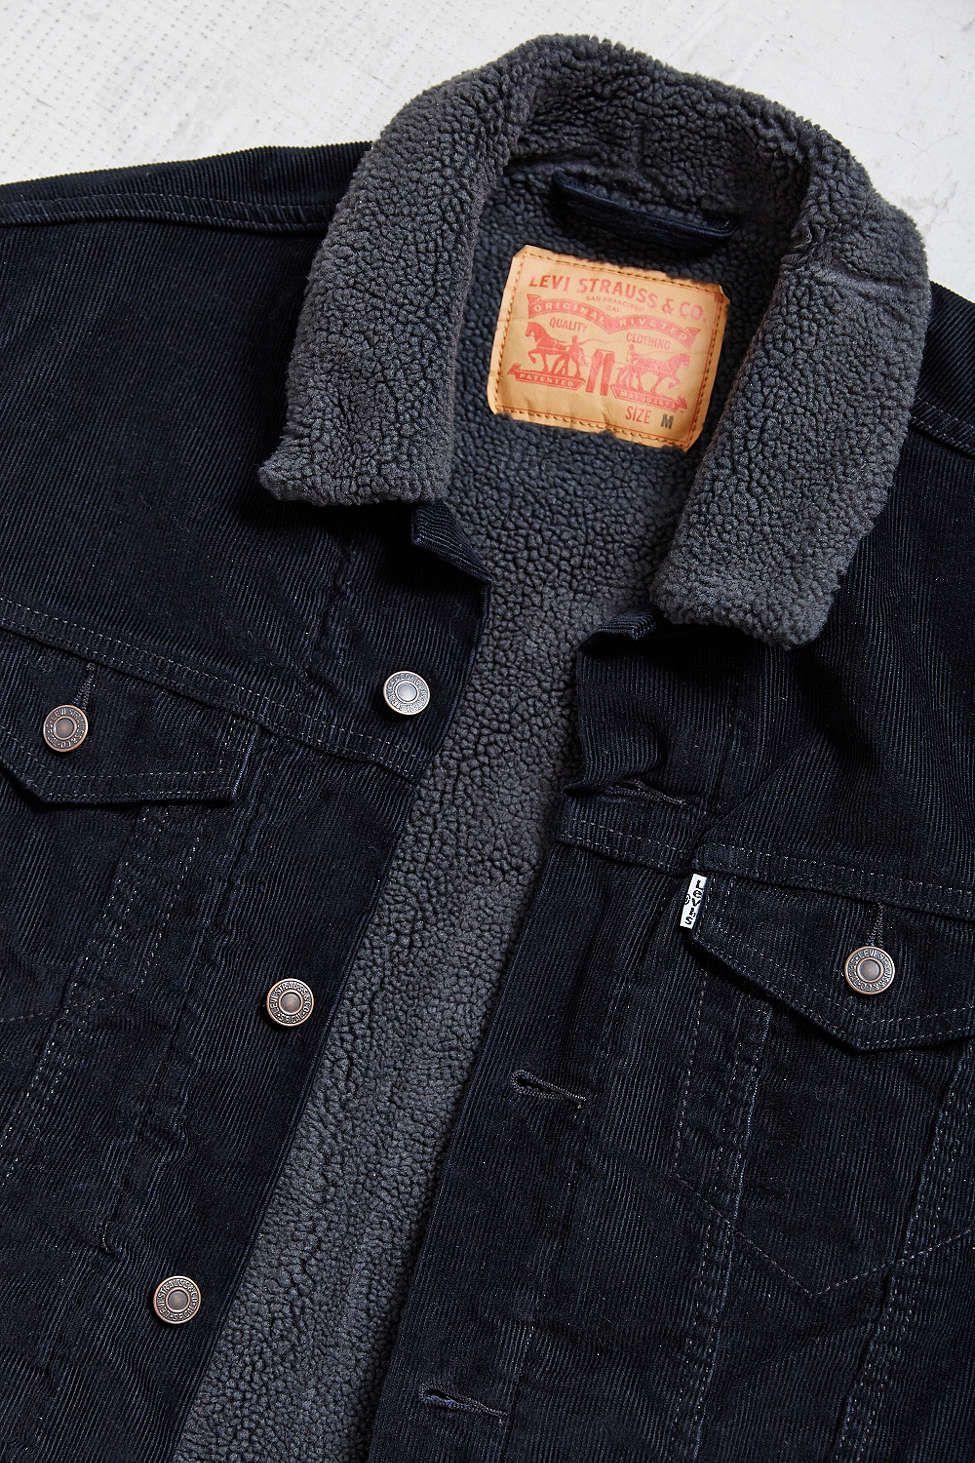 Levi s Black Corduroy Sherpa Trucker Jacket   My Style   Jackets ... ba7de1461e5b